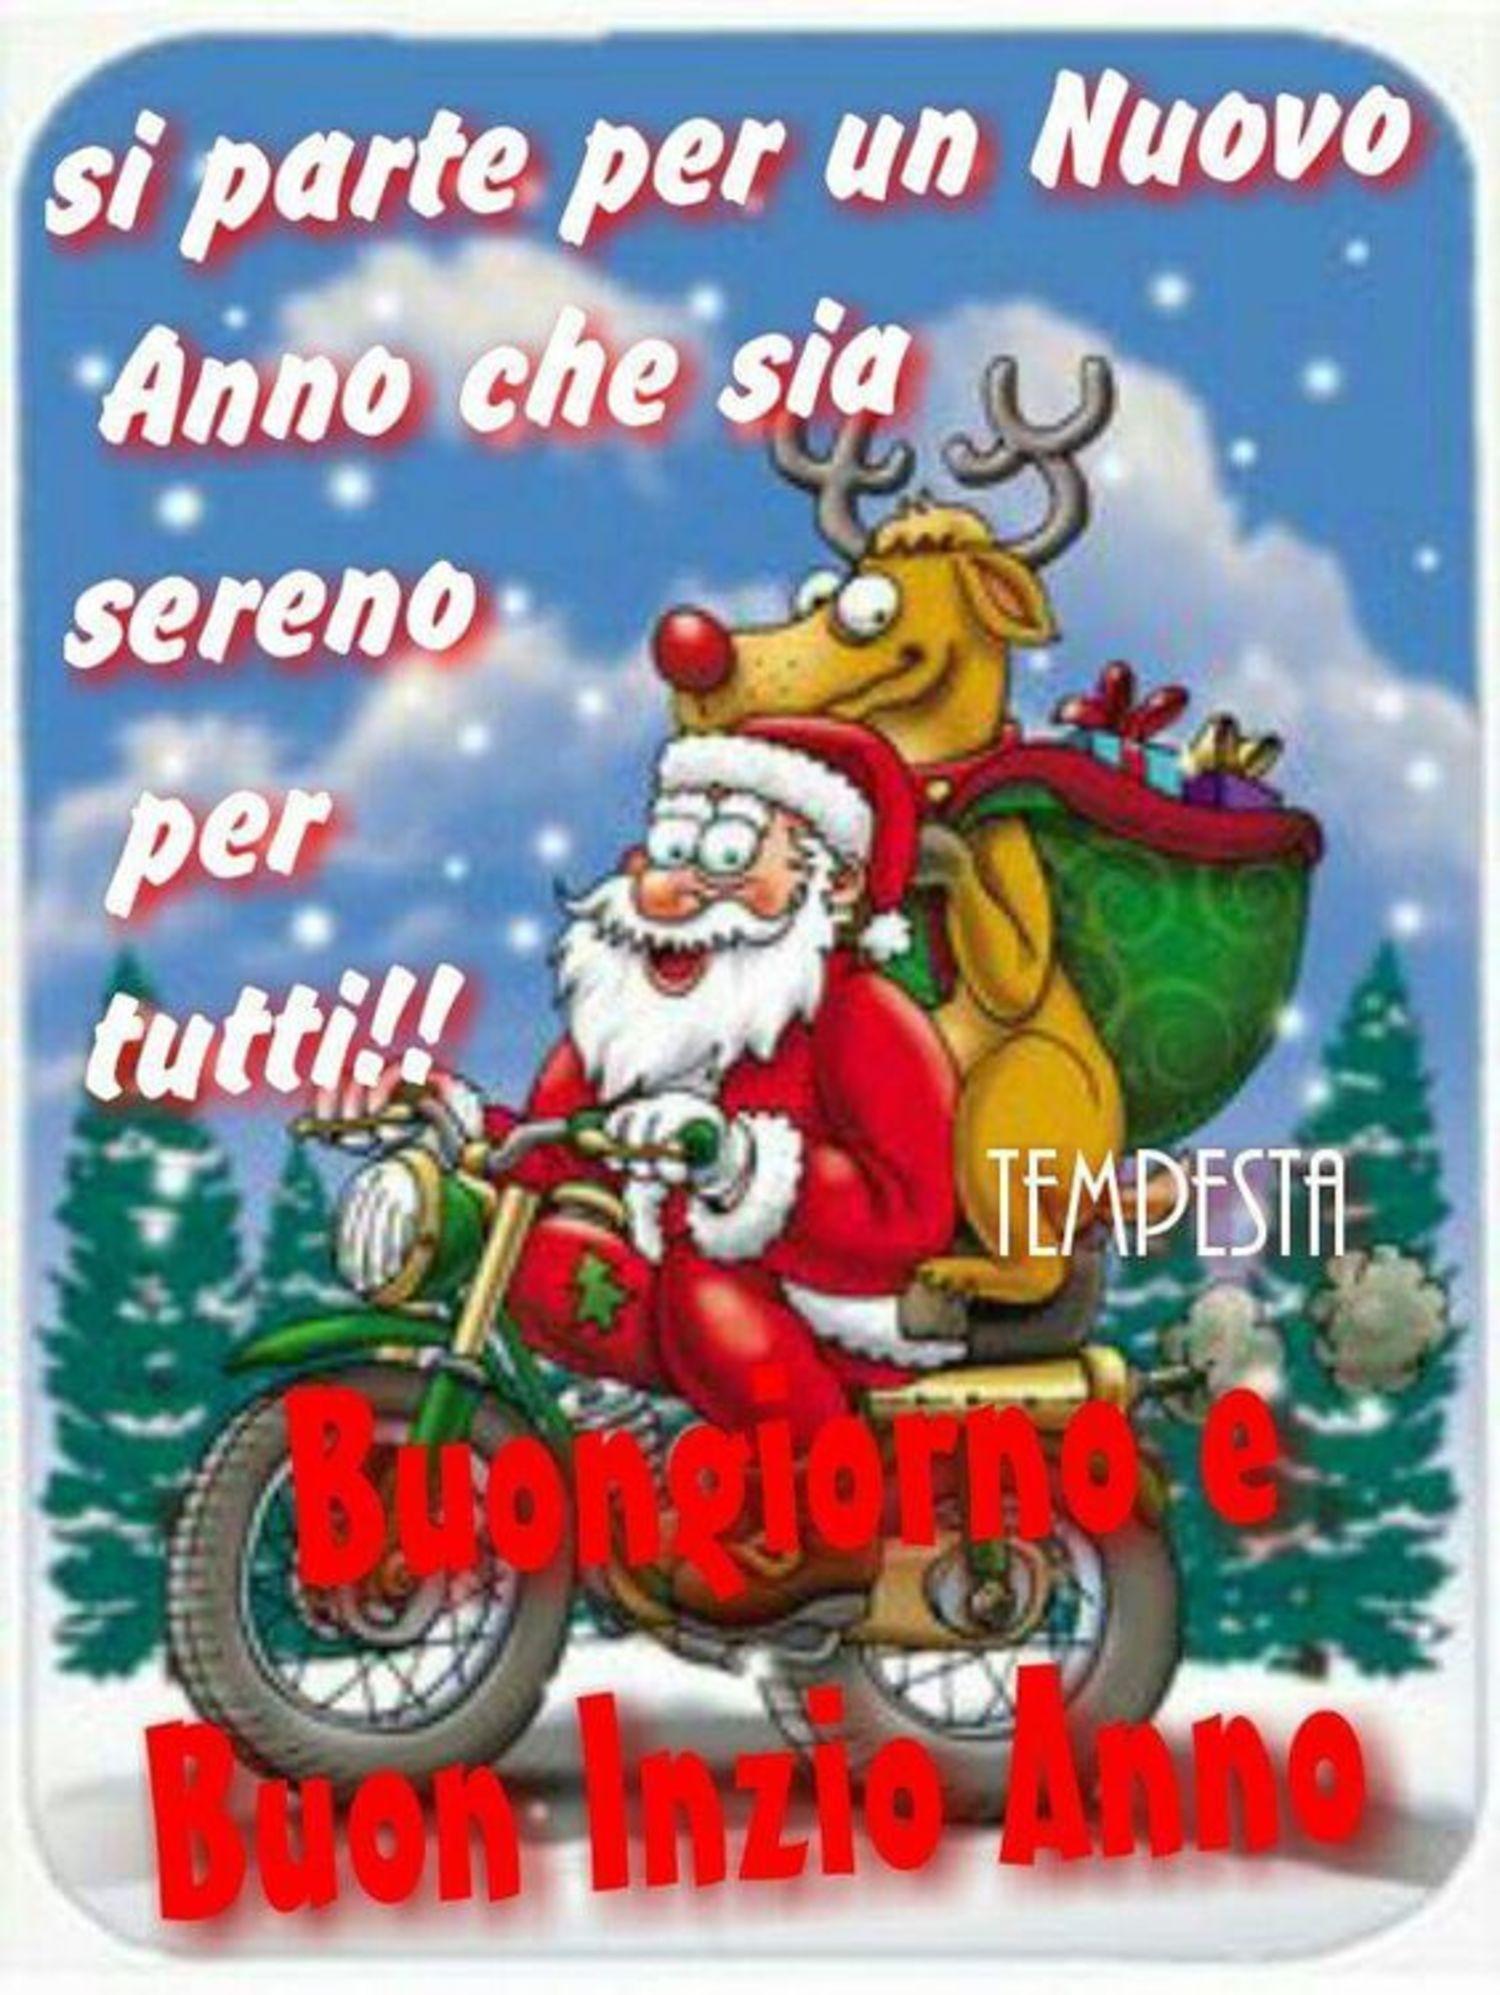 Buongiorno E Buon Inizio Anno New Year Wishes Happy New Year Wishes Good Night Wishes